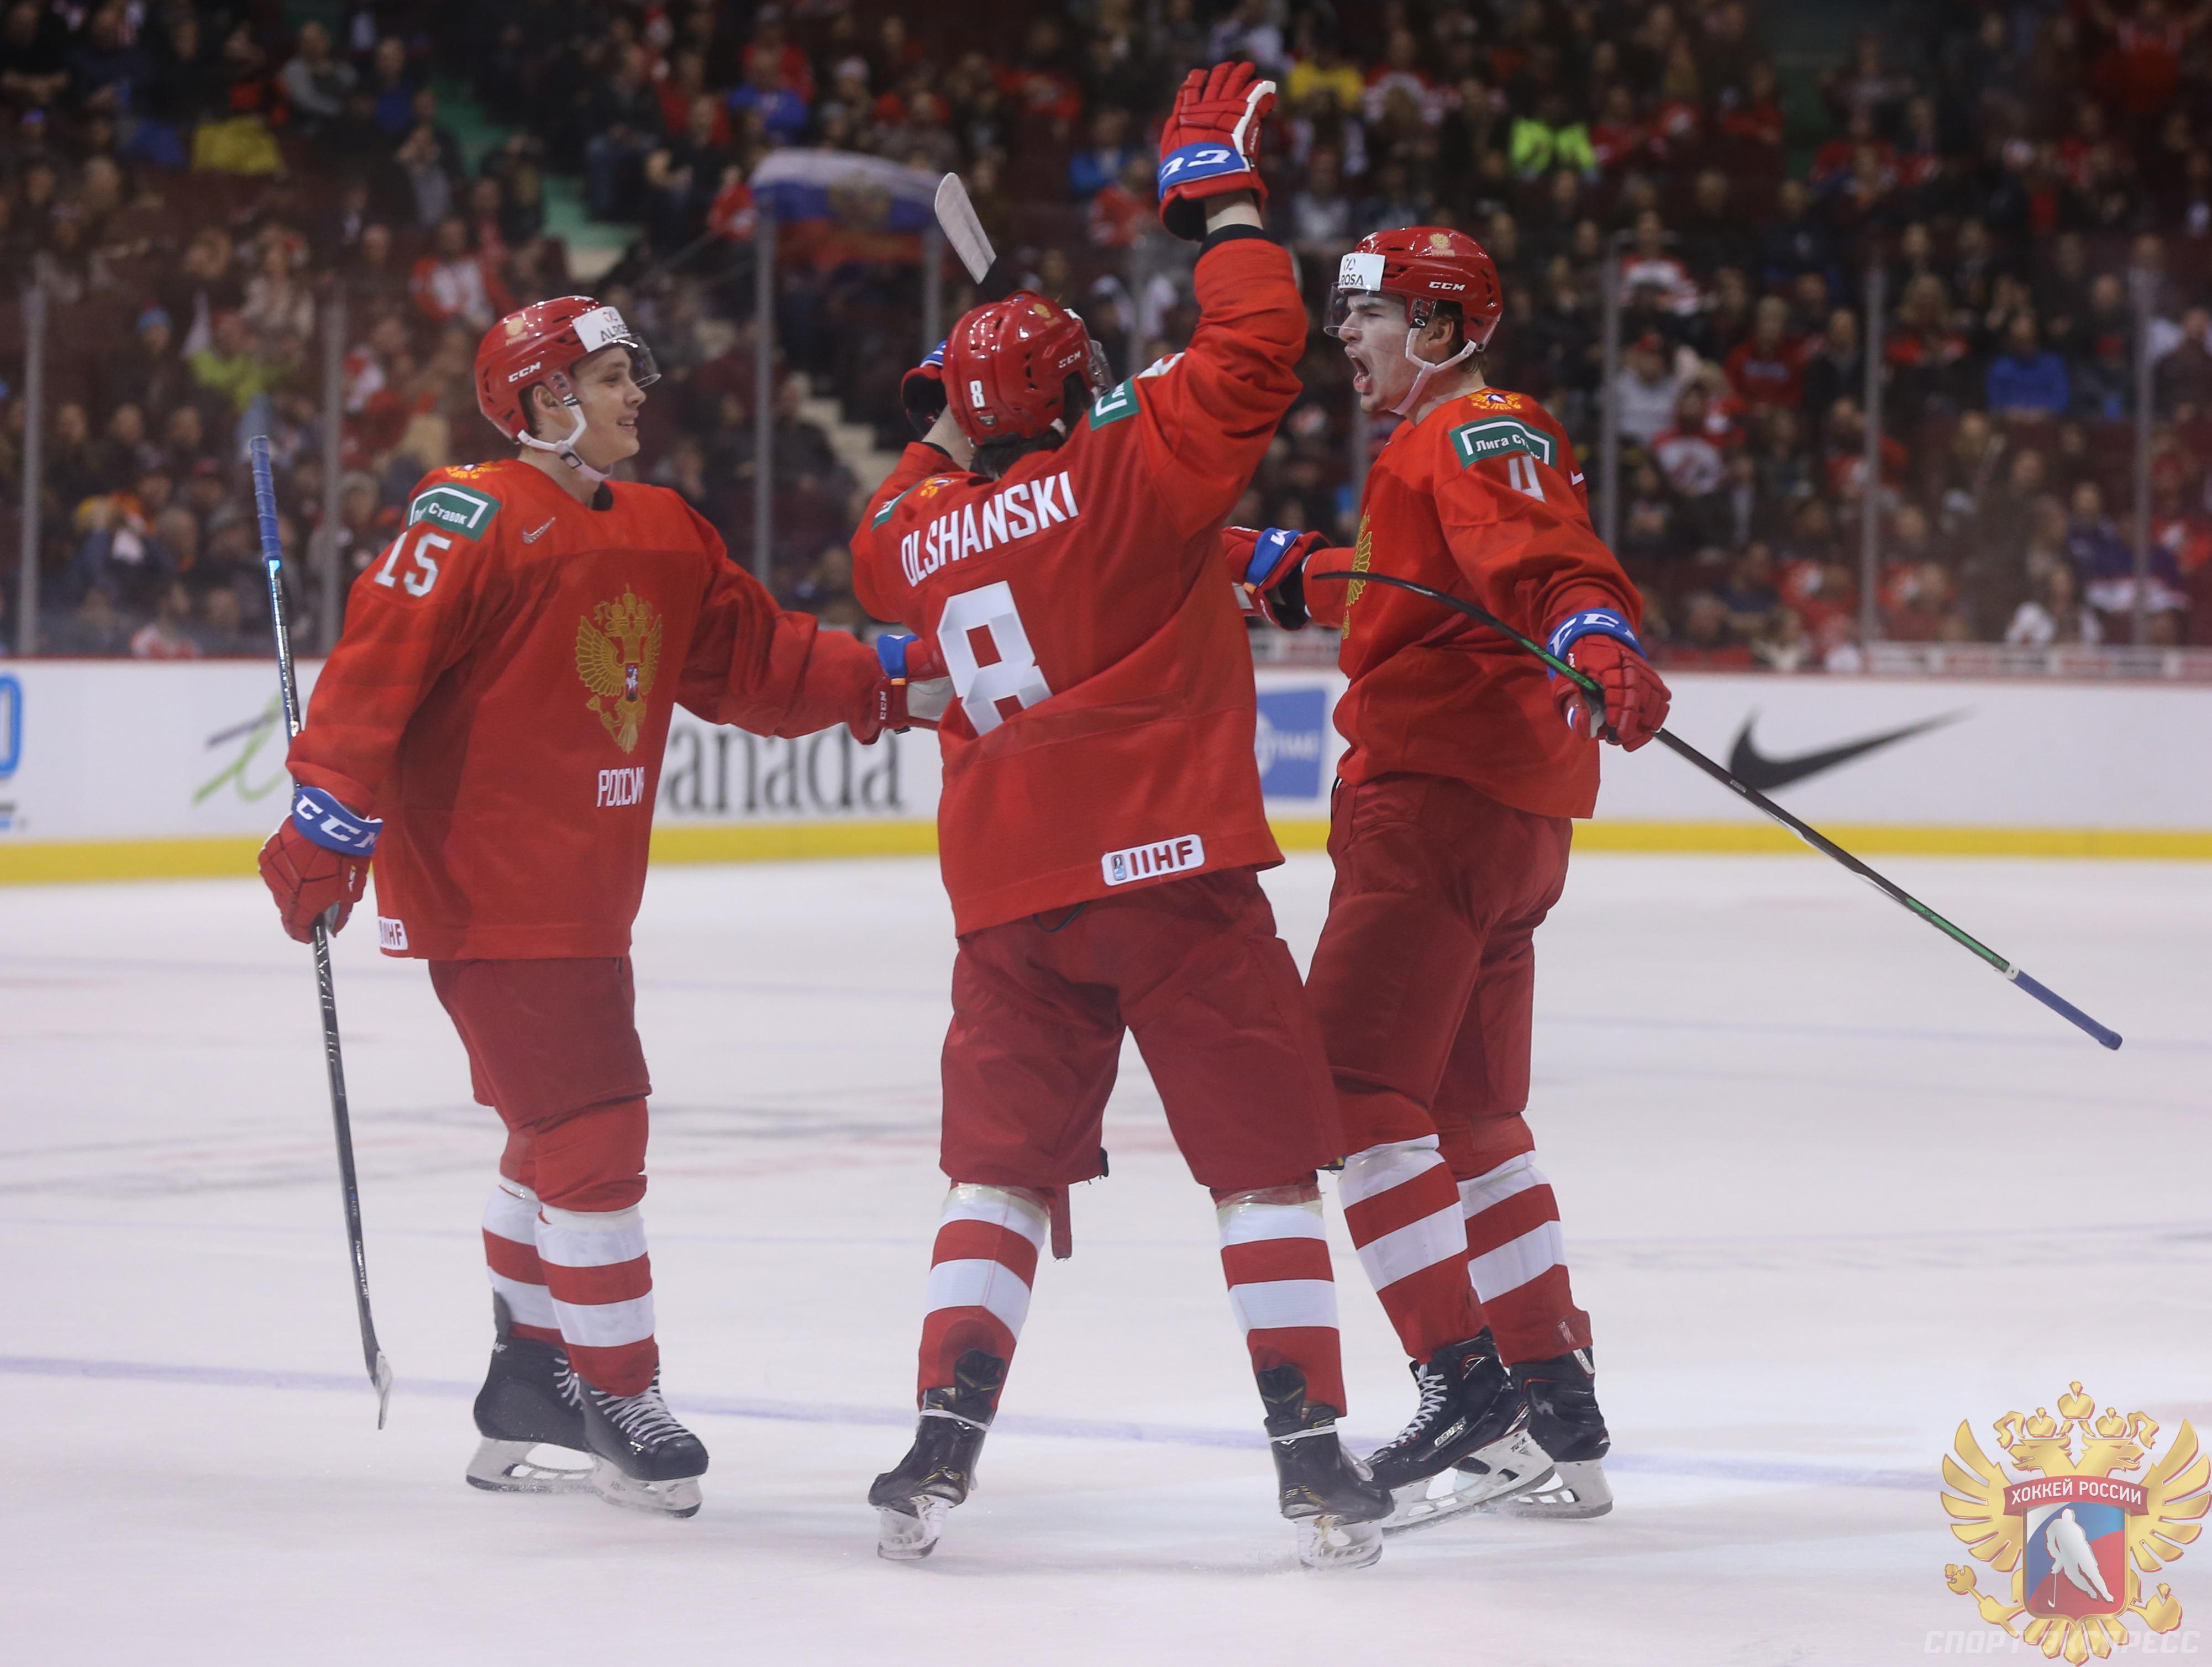 Мчм хоккей россия словакия расписание автобусов в словакии